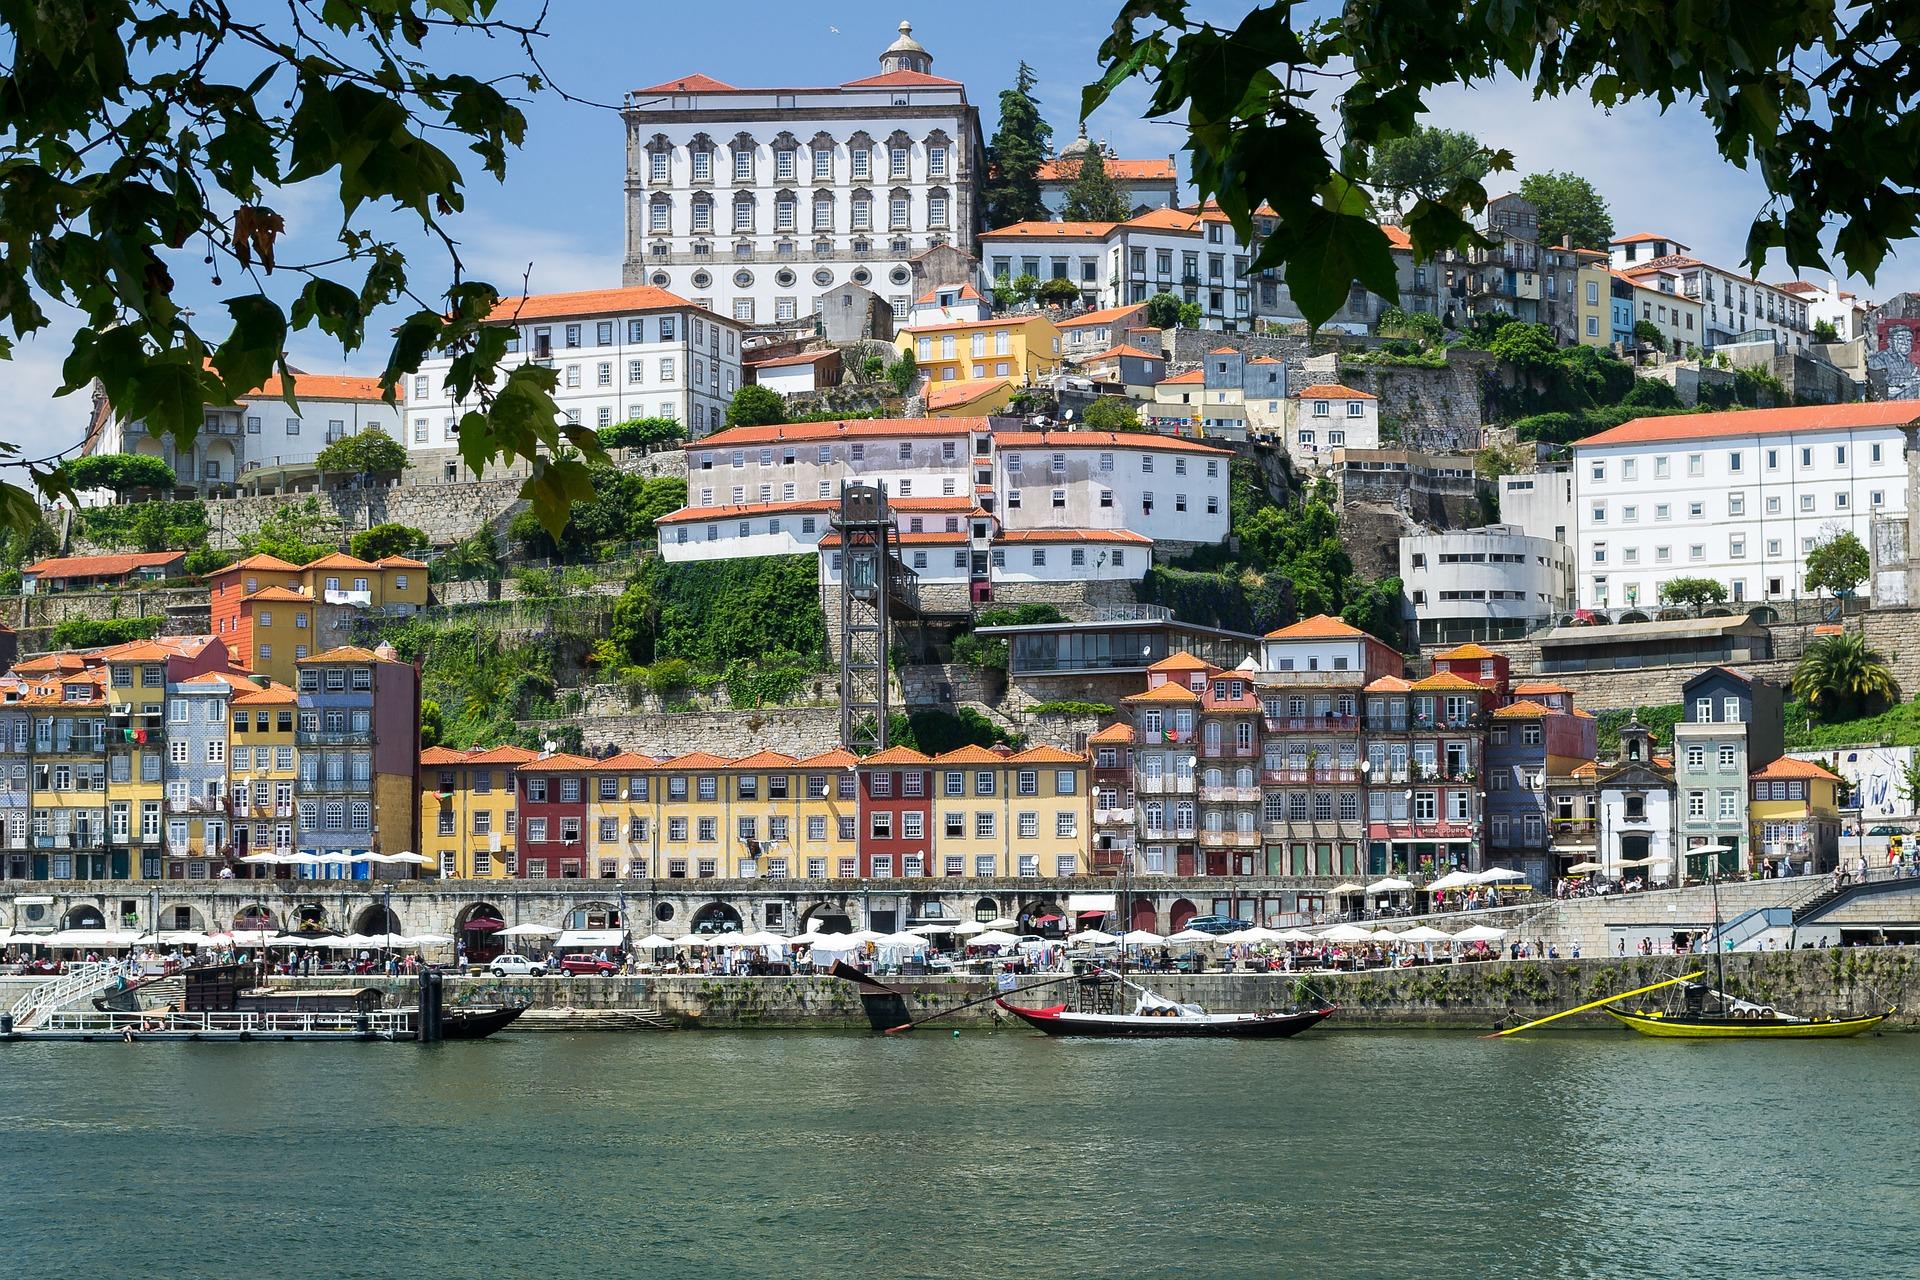 Sorteio de 20 casas com rendas acessíveis no Porto